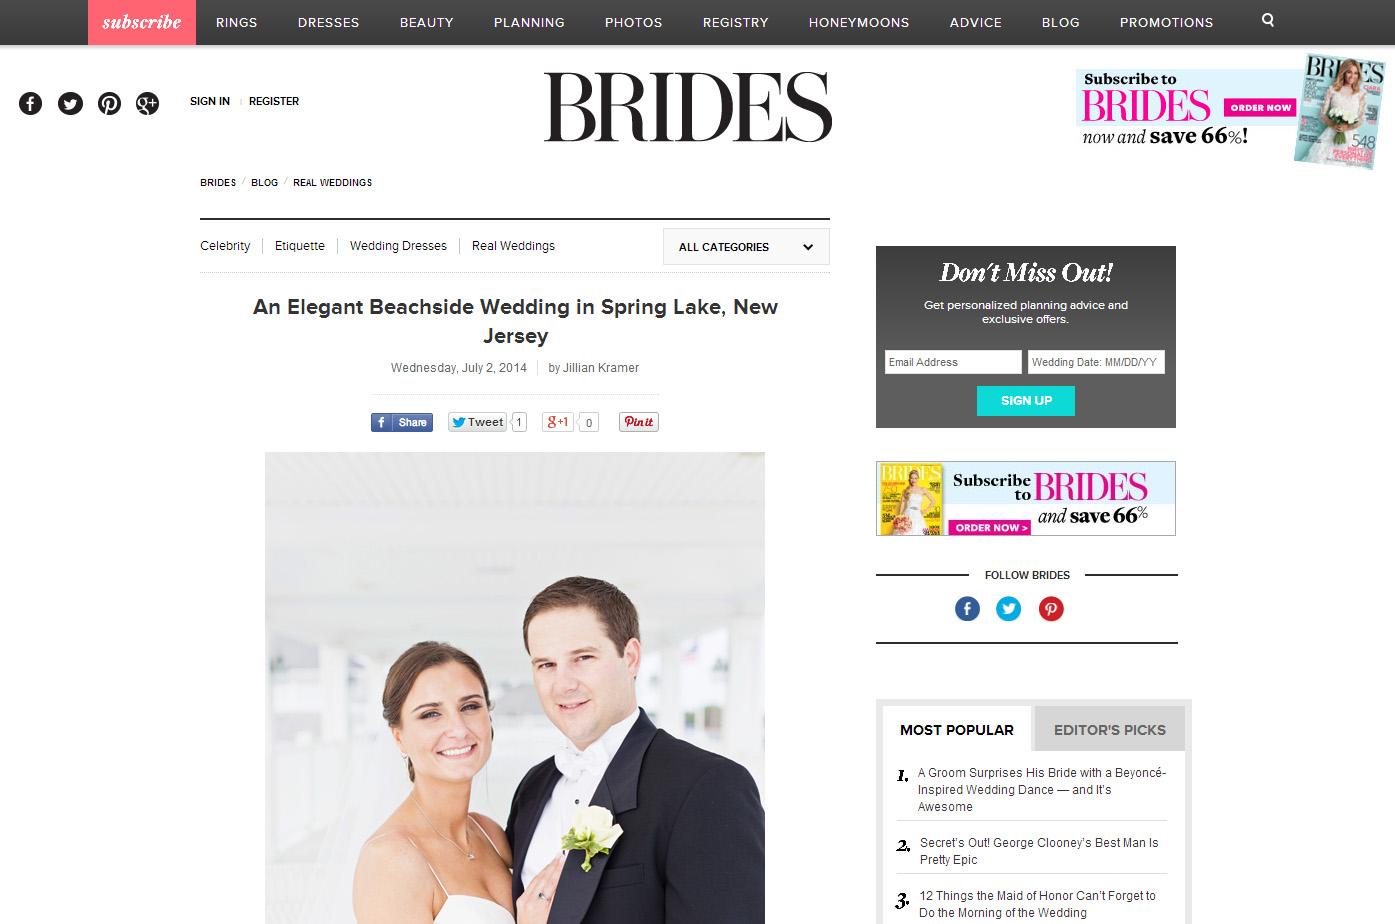 BRIDESdotcom